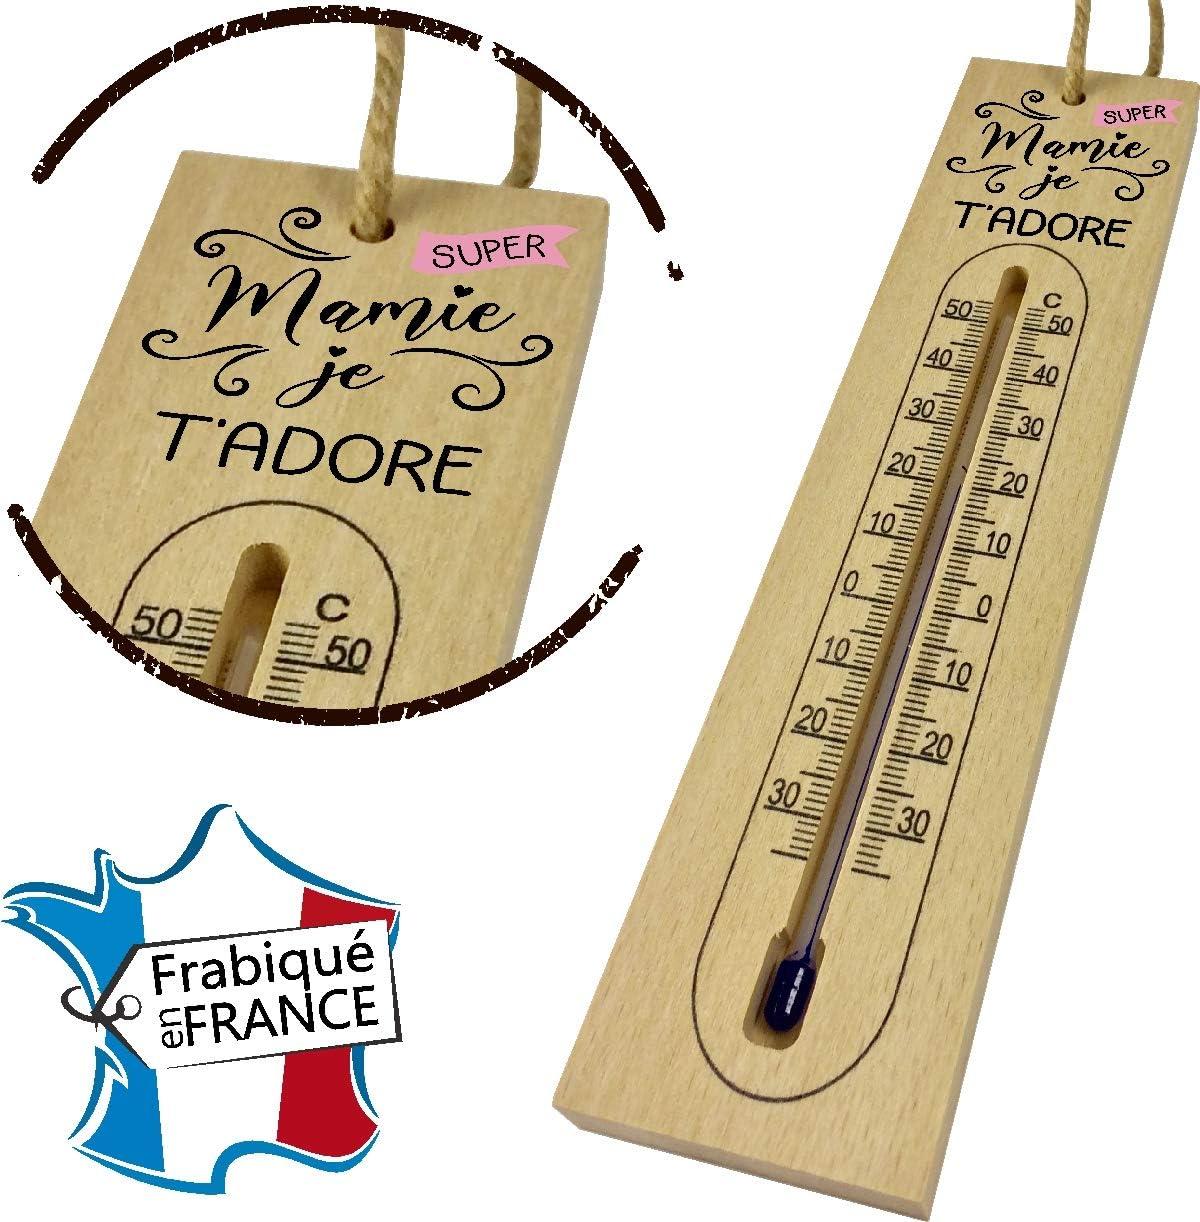 Anniversaire F/ête des Grands m/ères Thermom/ètre en Bois pour Mamie Un Beau Cadeau Original pour Mamy Thermom/ètre fabriqu/é et imprim/é en France No/ël